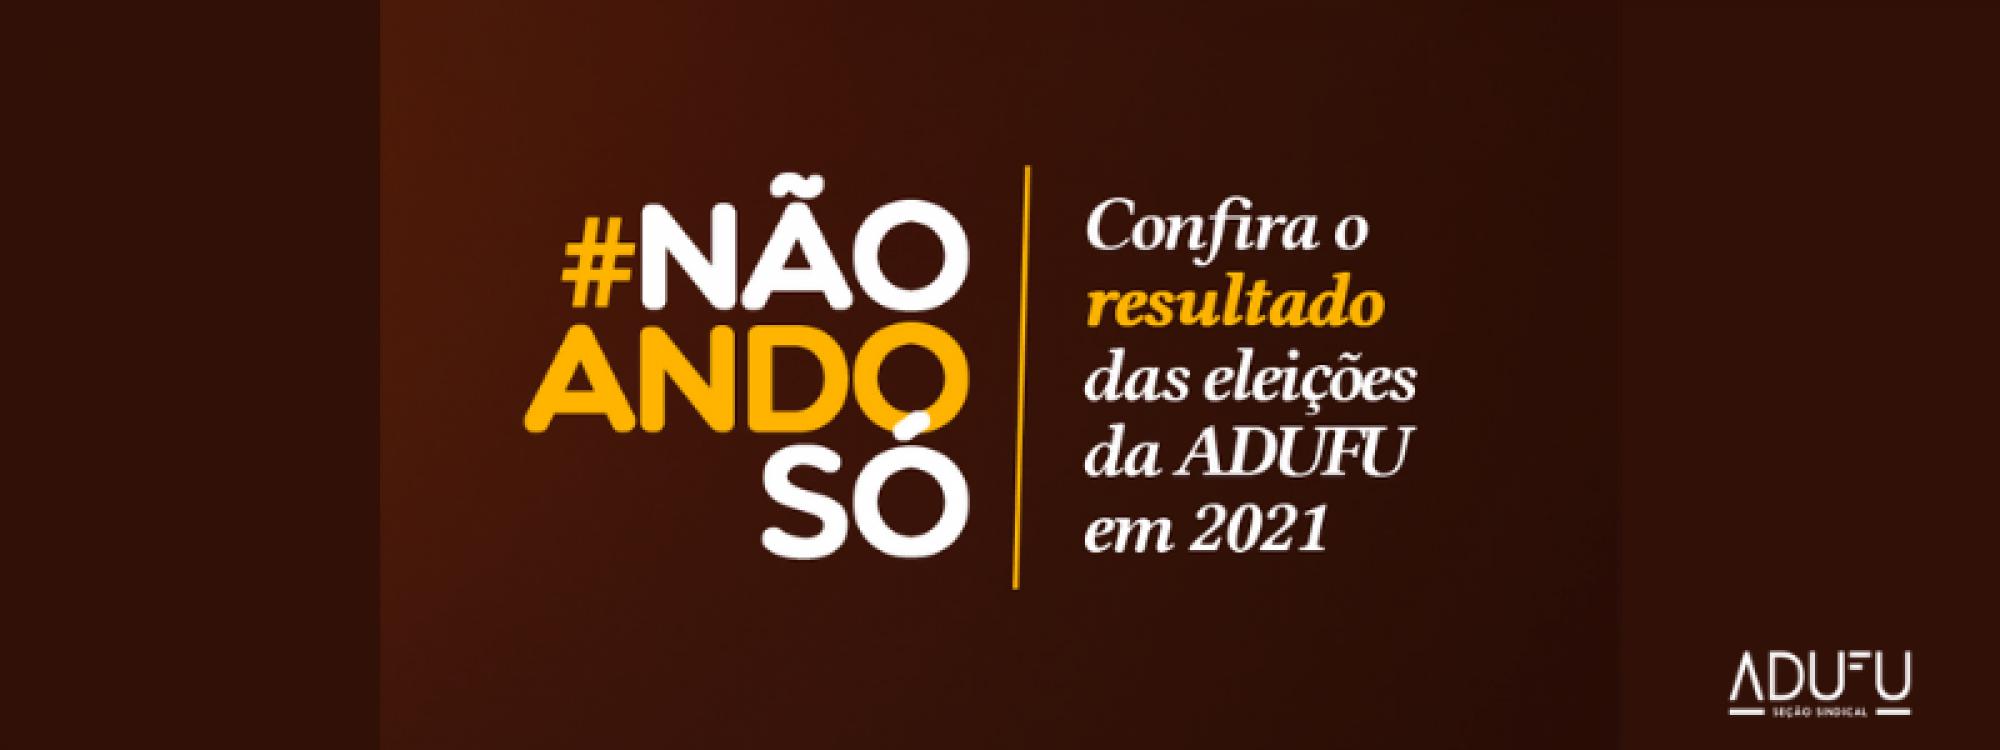 Resultado definitivo das Eleições ADUFU 2021